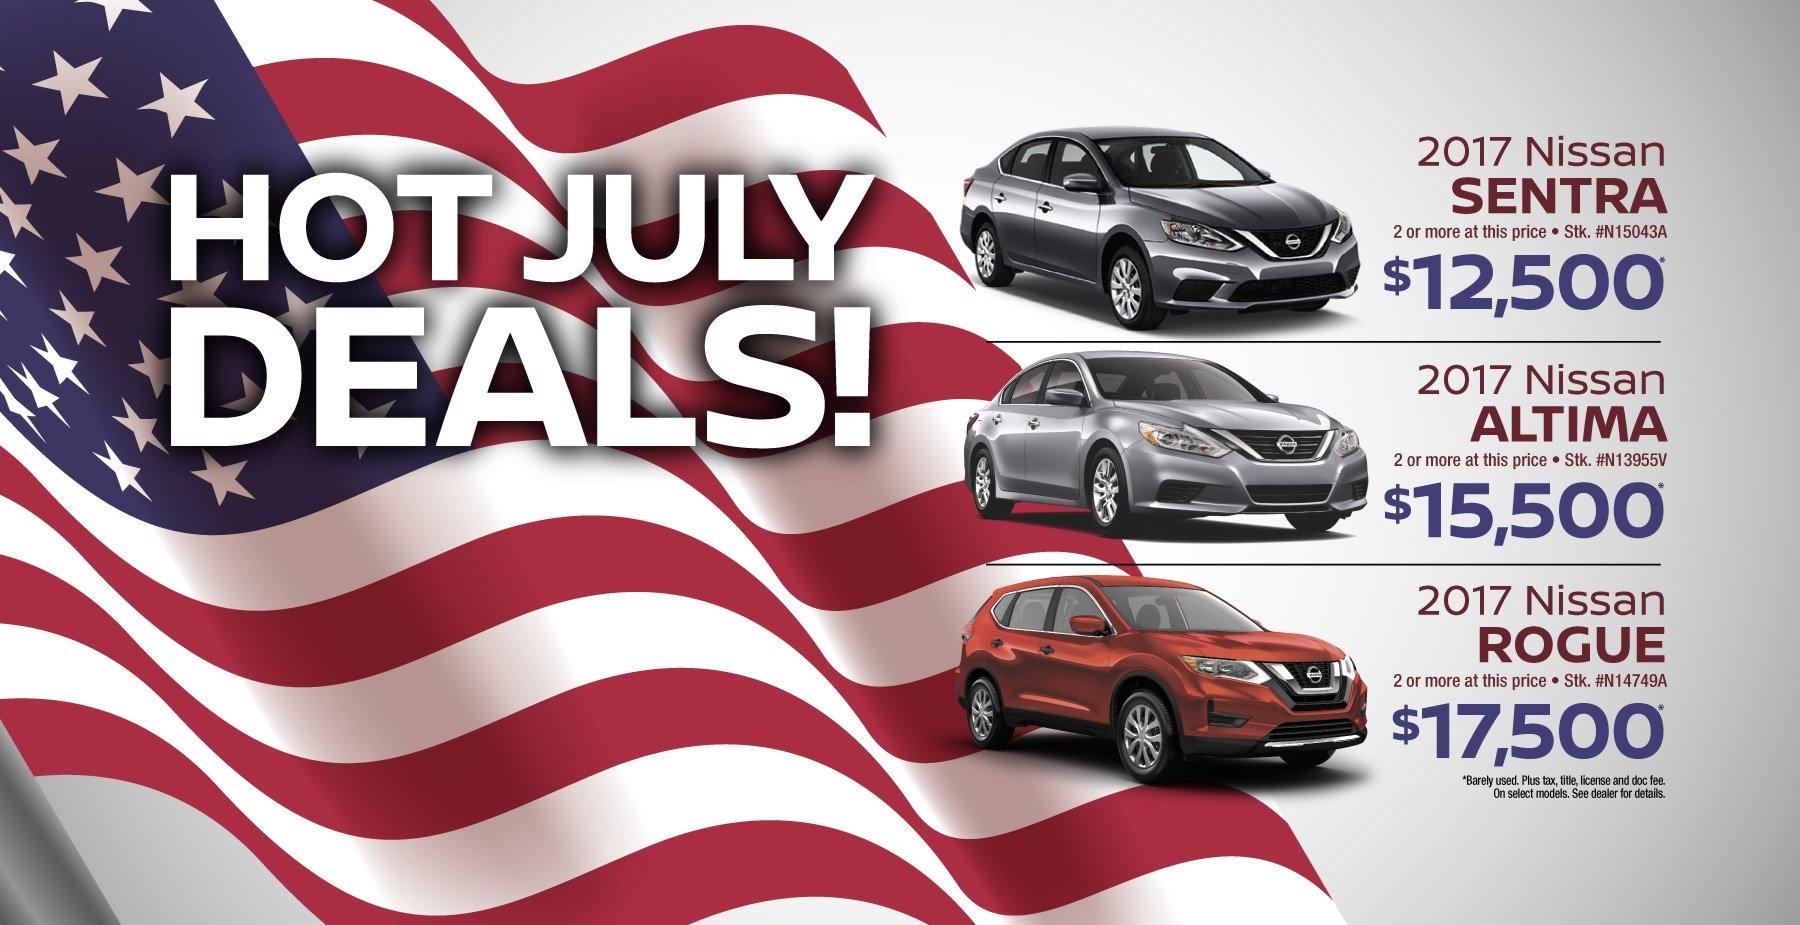 Hot July Deals